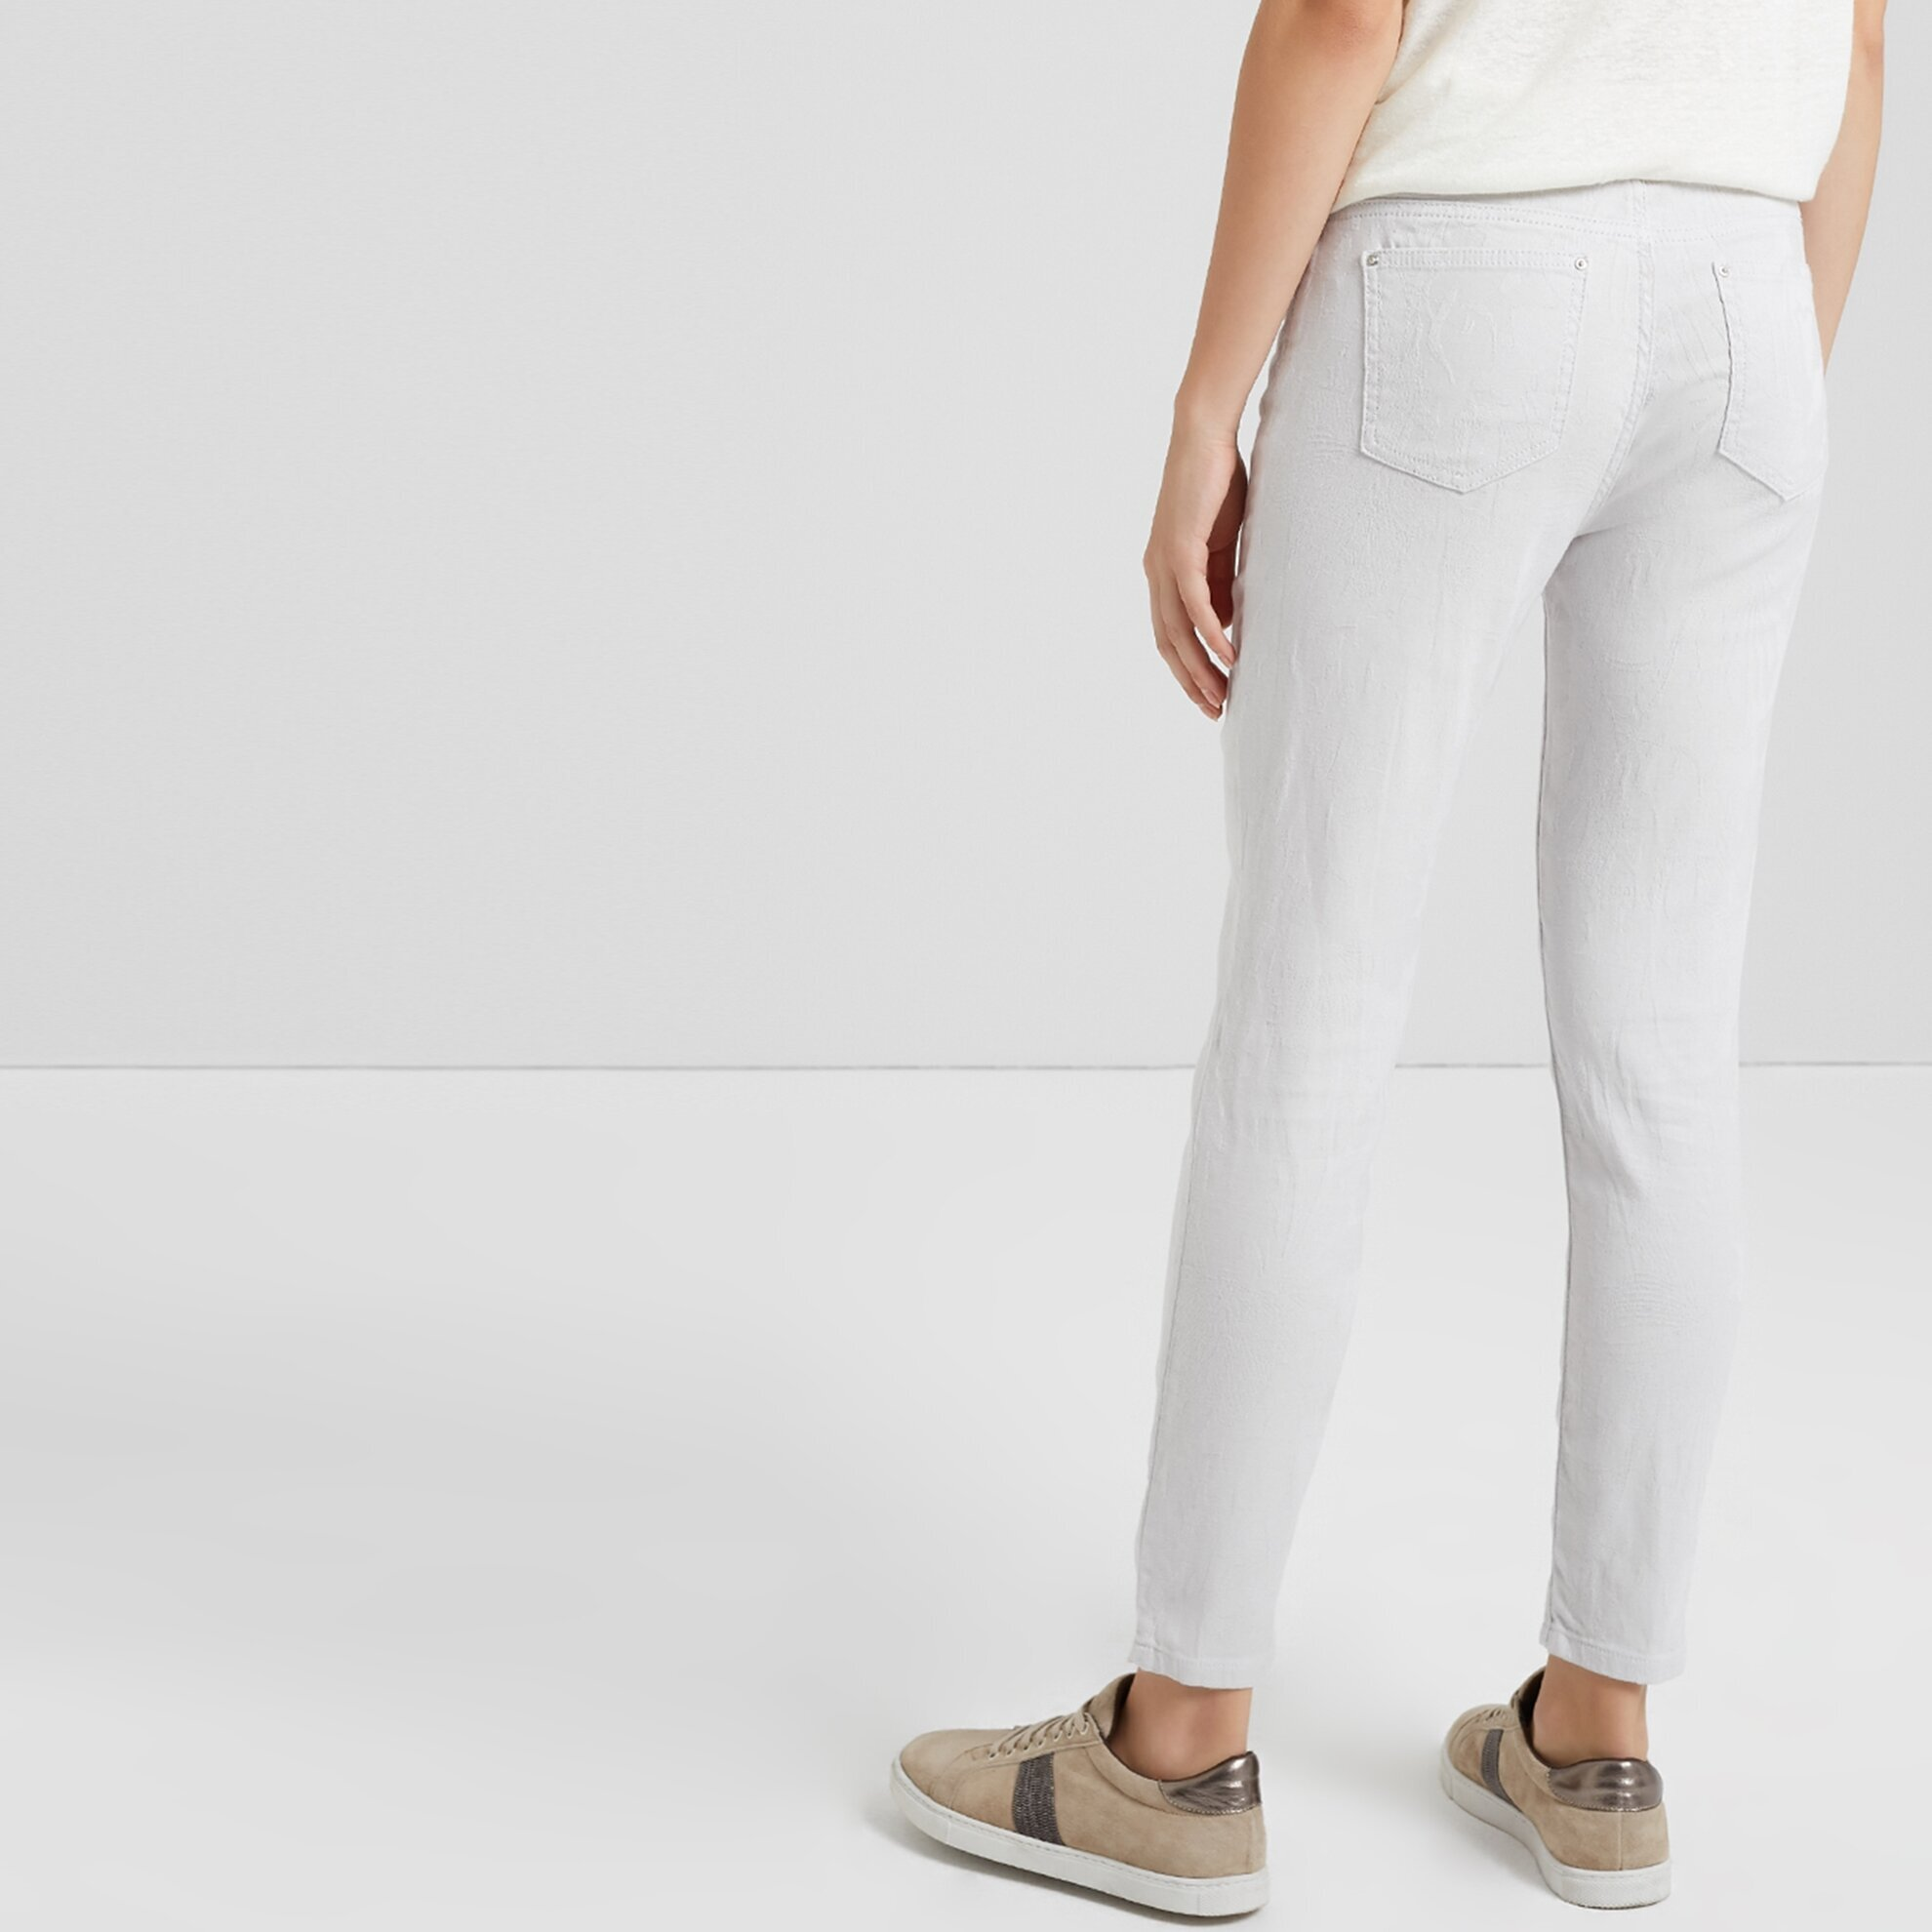 Beş Cep Pantolon